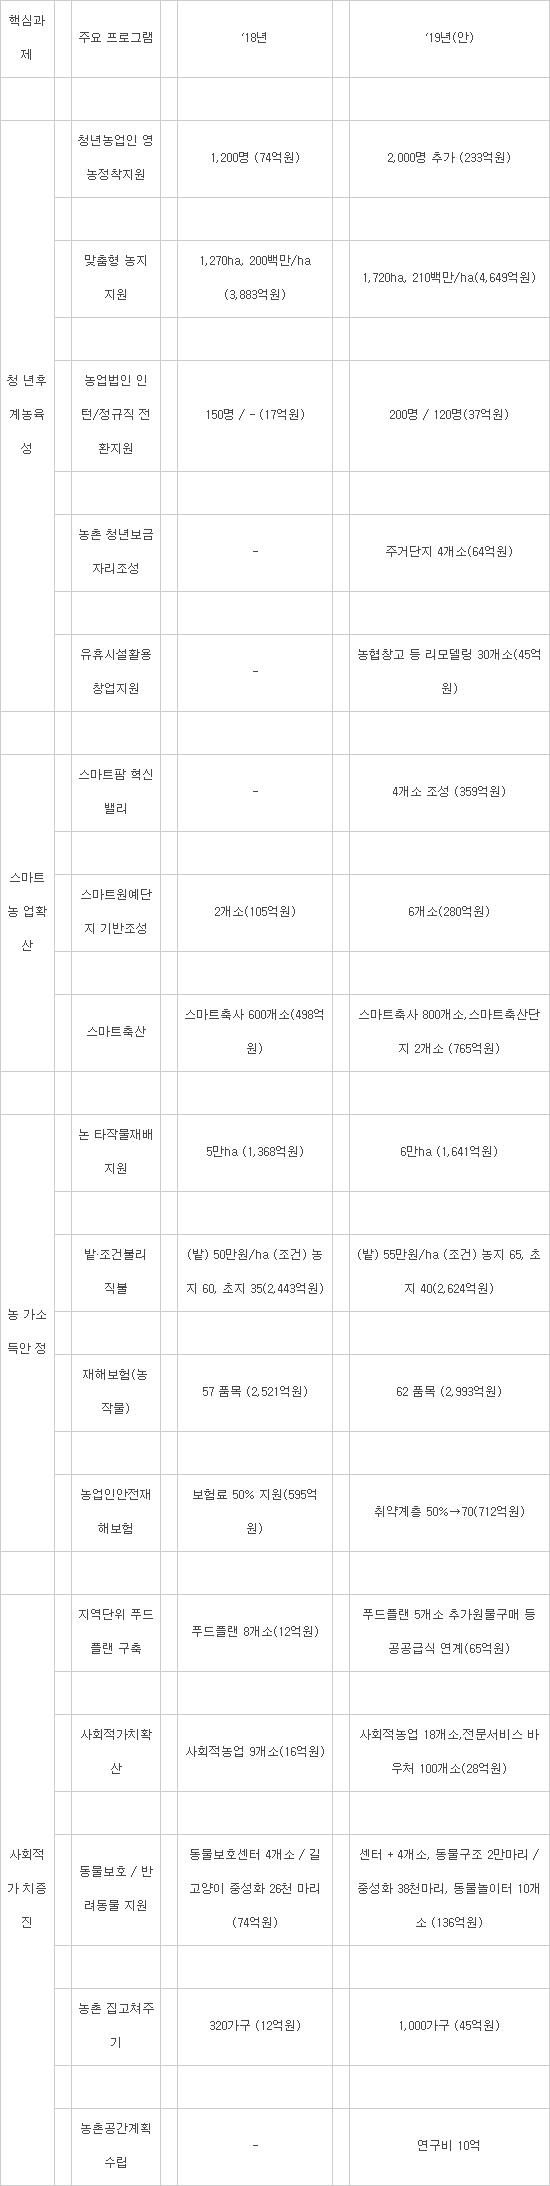 농식품부, 내년 예산 및 기금안 14조6480억원 편성